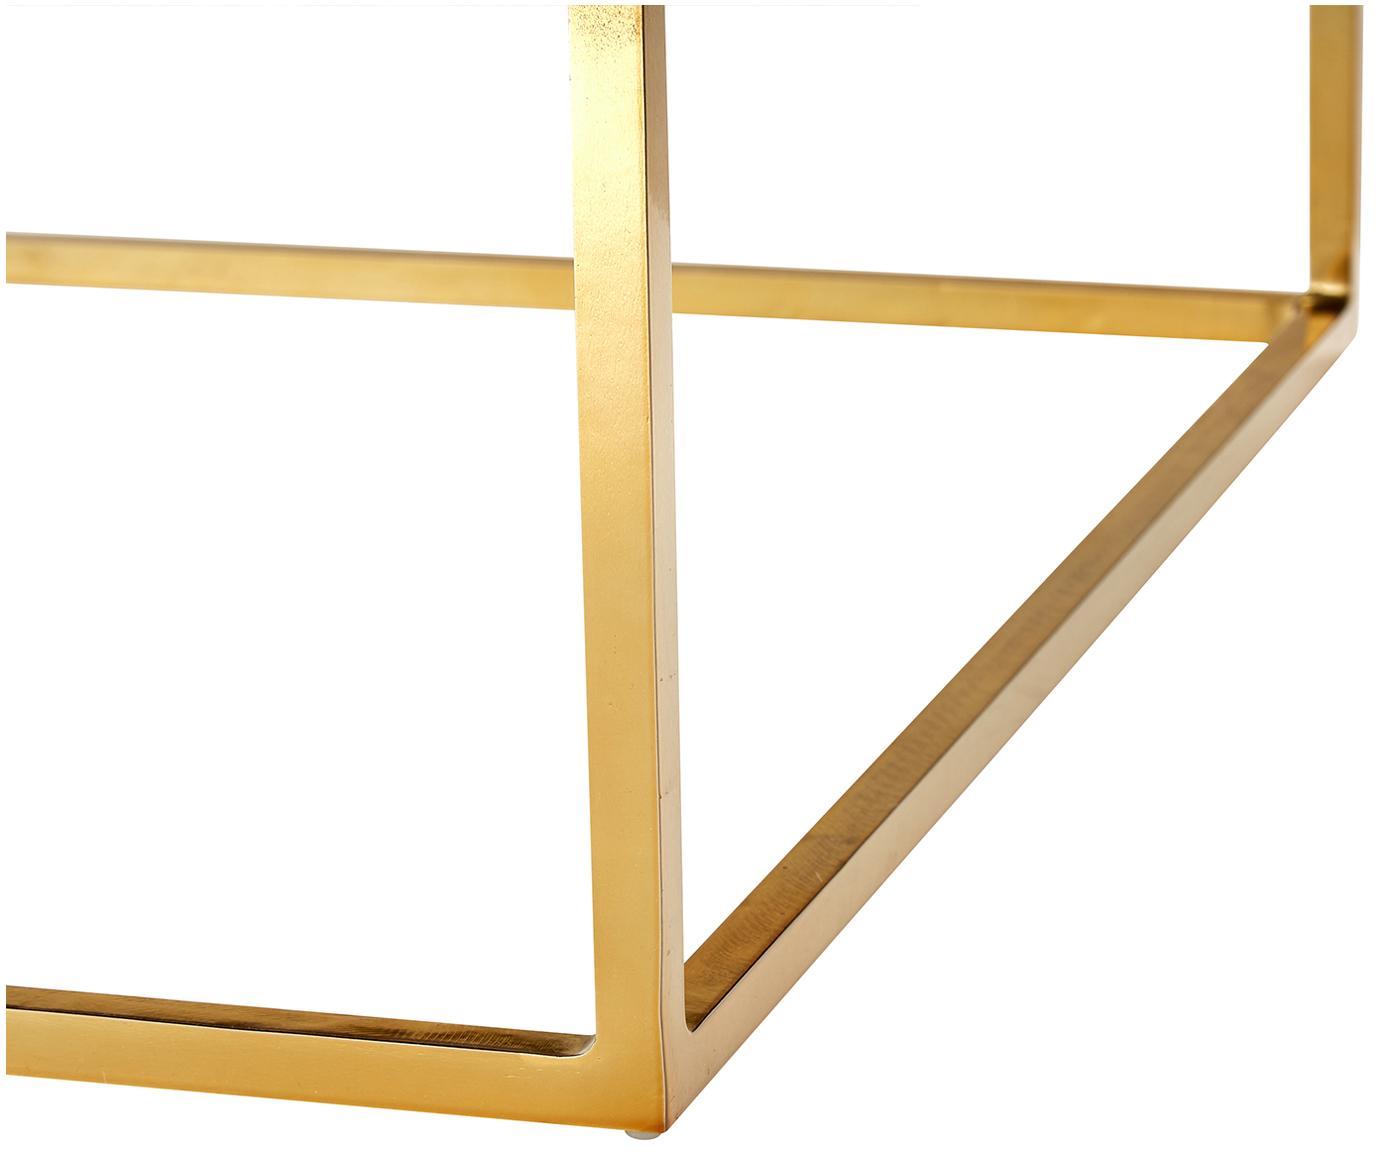 Mesa de centro de mármol Alys, Tablero: mármol, Estructura: metal recubierto, Mármol verde, dorado, An 120 x F 75 cm